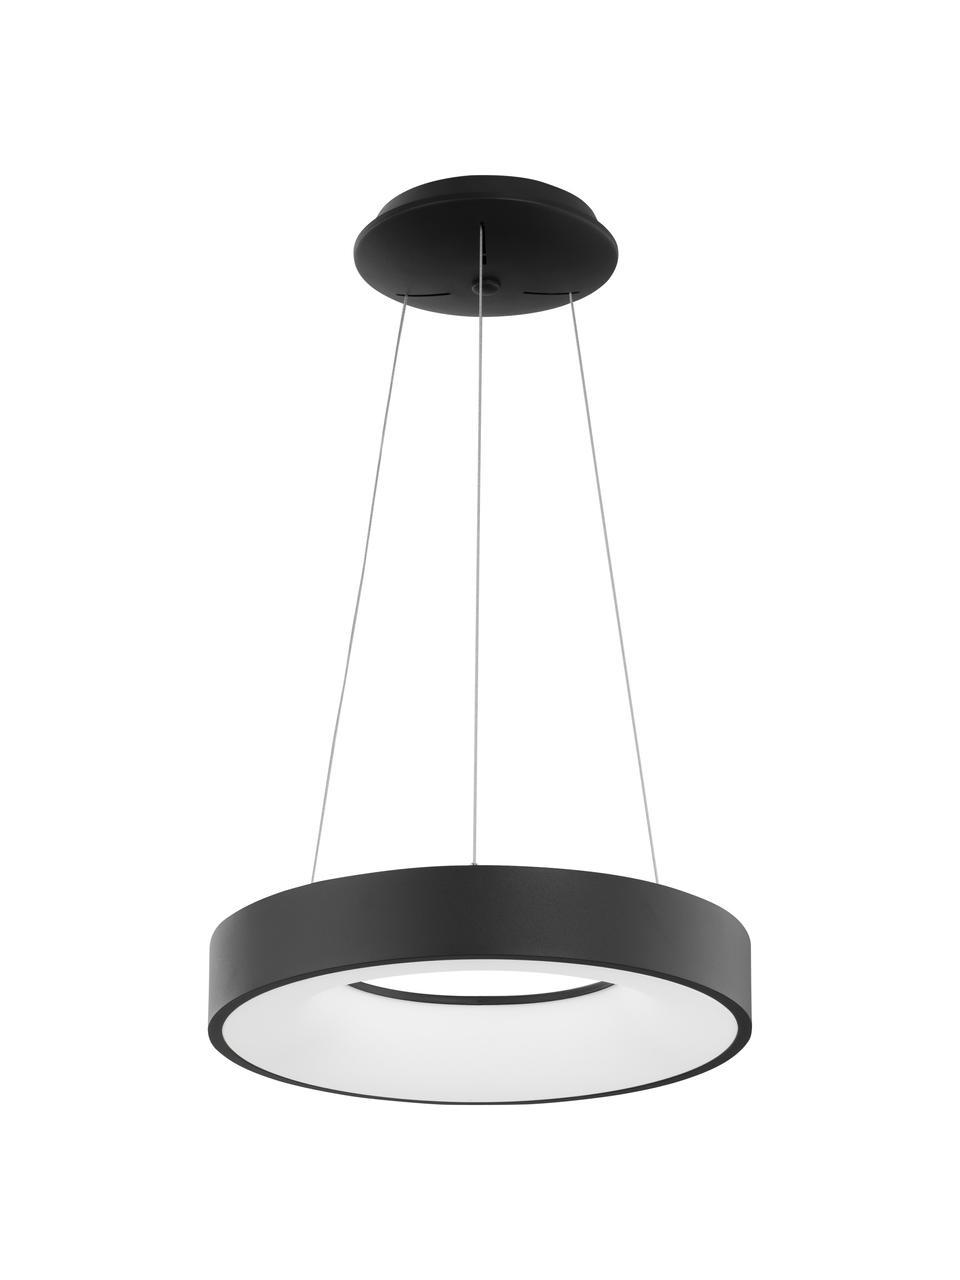 Lampada a sospensione dimmerabile a LED Rando, Paralume: alluminio rivestito, Baldacchino: alluminio rivestito, Nero, Ø 60 x Alt. 6 cm